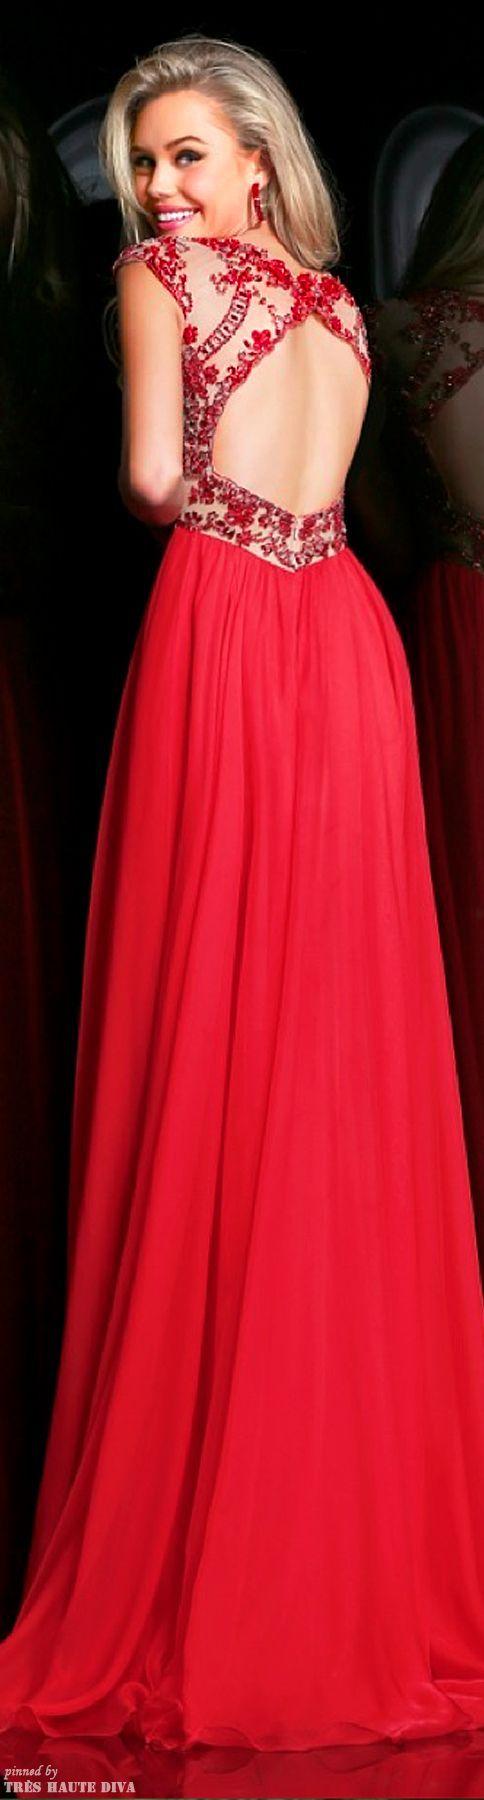 Tienes un evento ficha estas fabulosas ideas de vestidos con